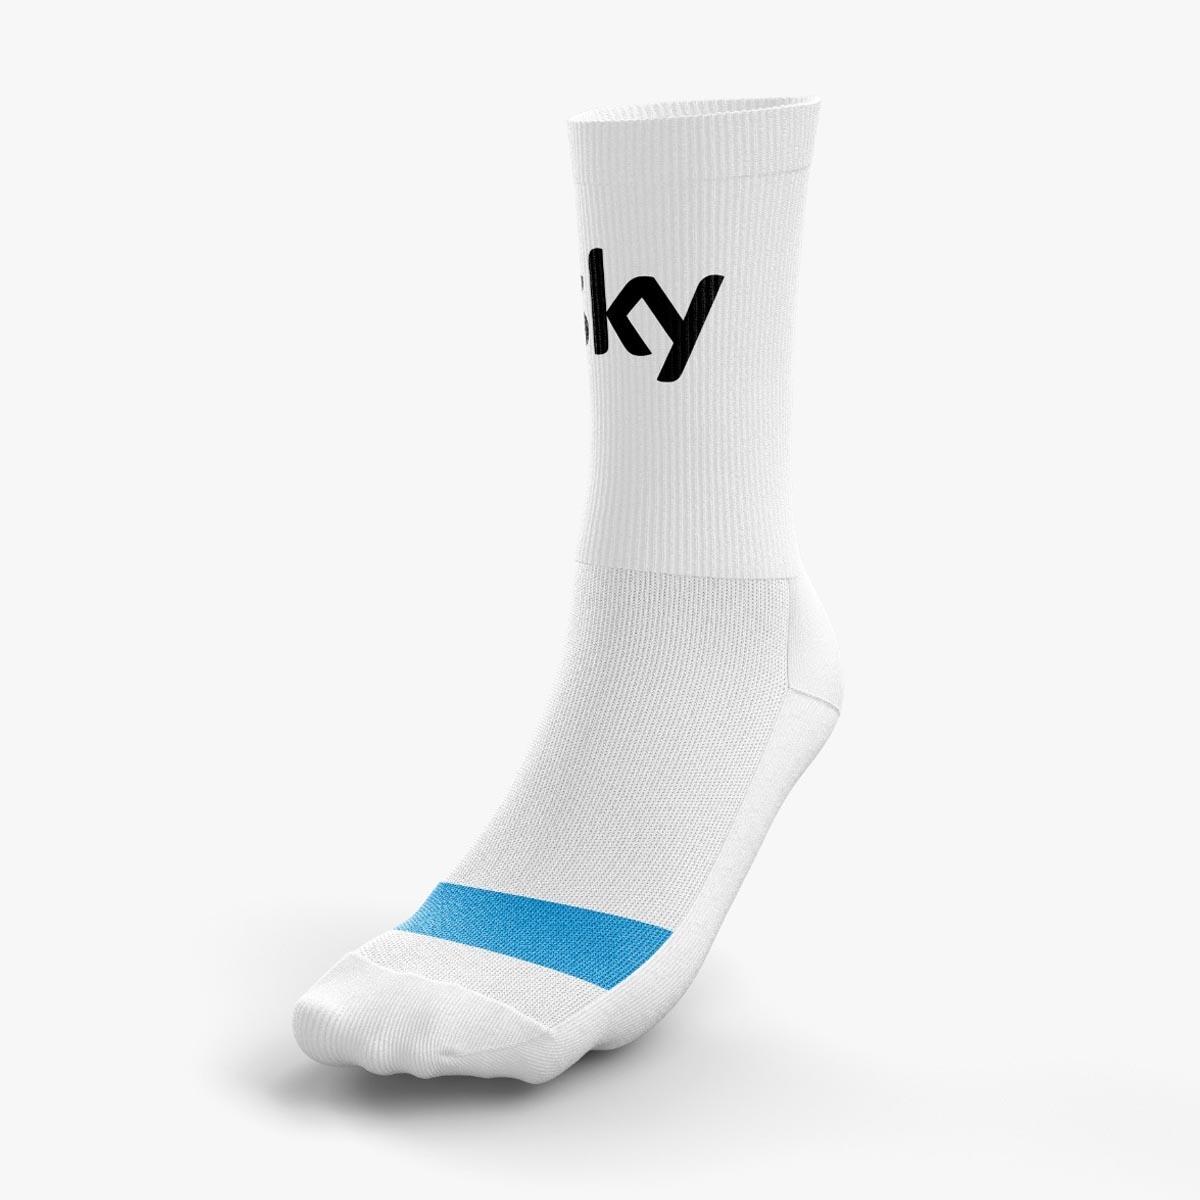 Meia Pith Sky 2 com Logo Masculina Branca e Azul 38 a 44 Ciclismo